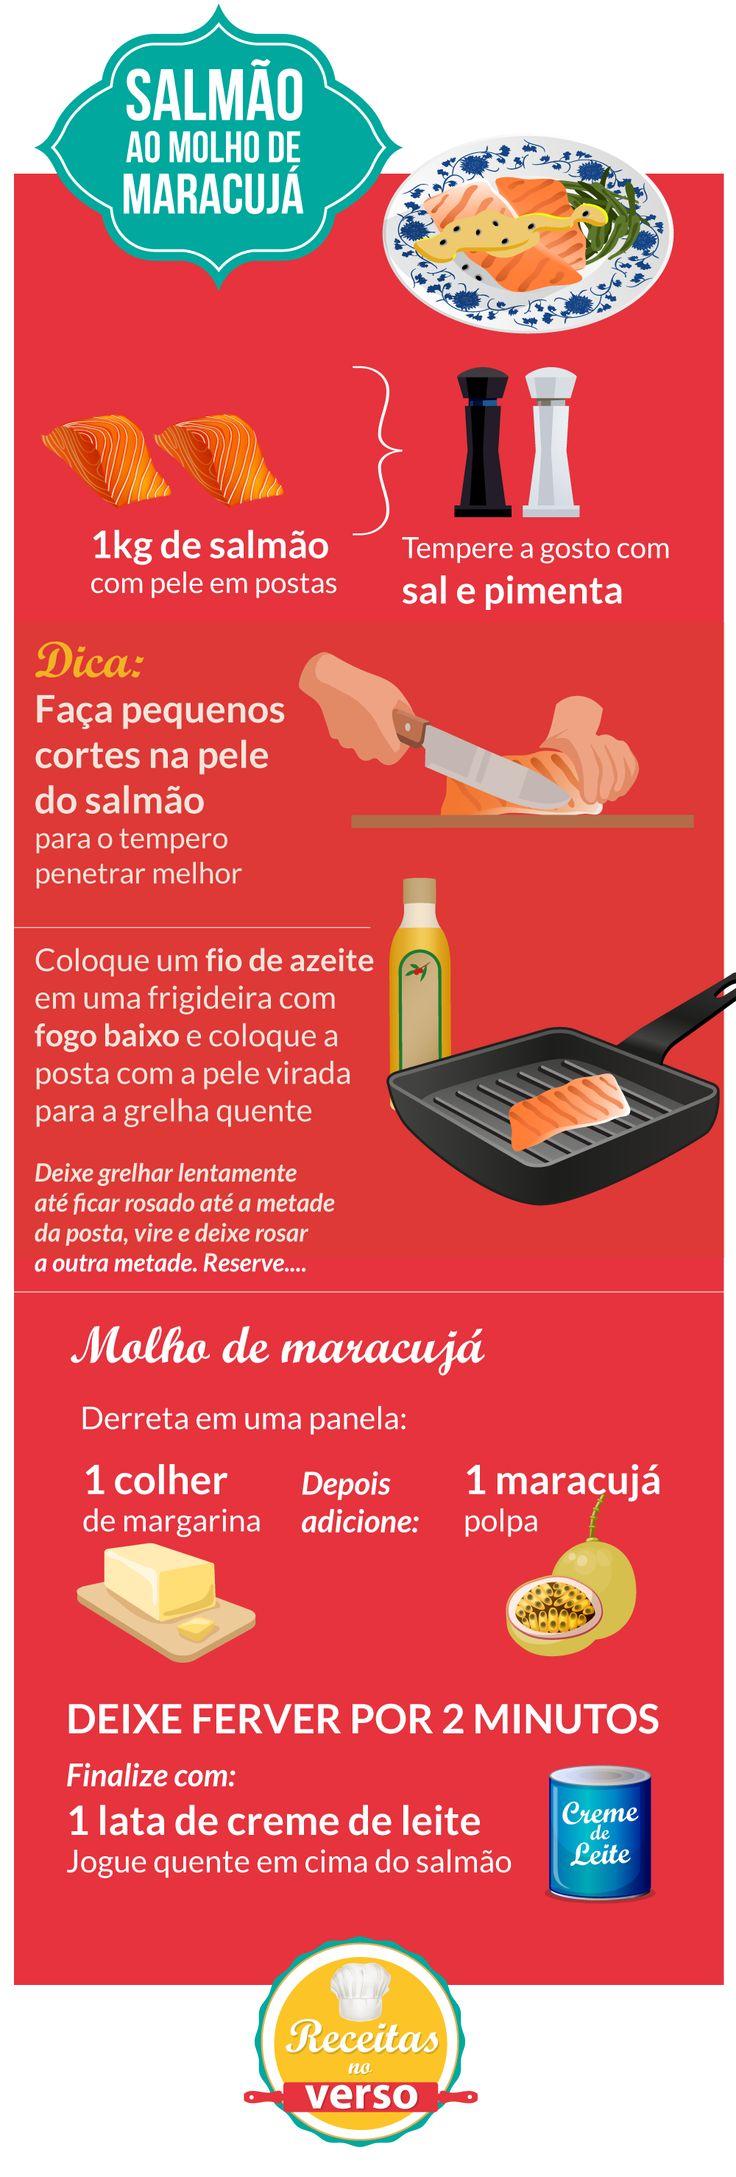 SALMÃO AO MOLHO DE MARACUJÁ